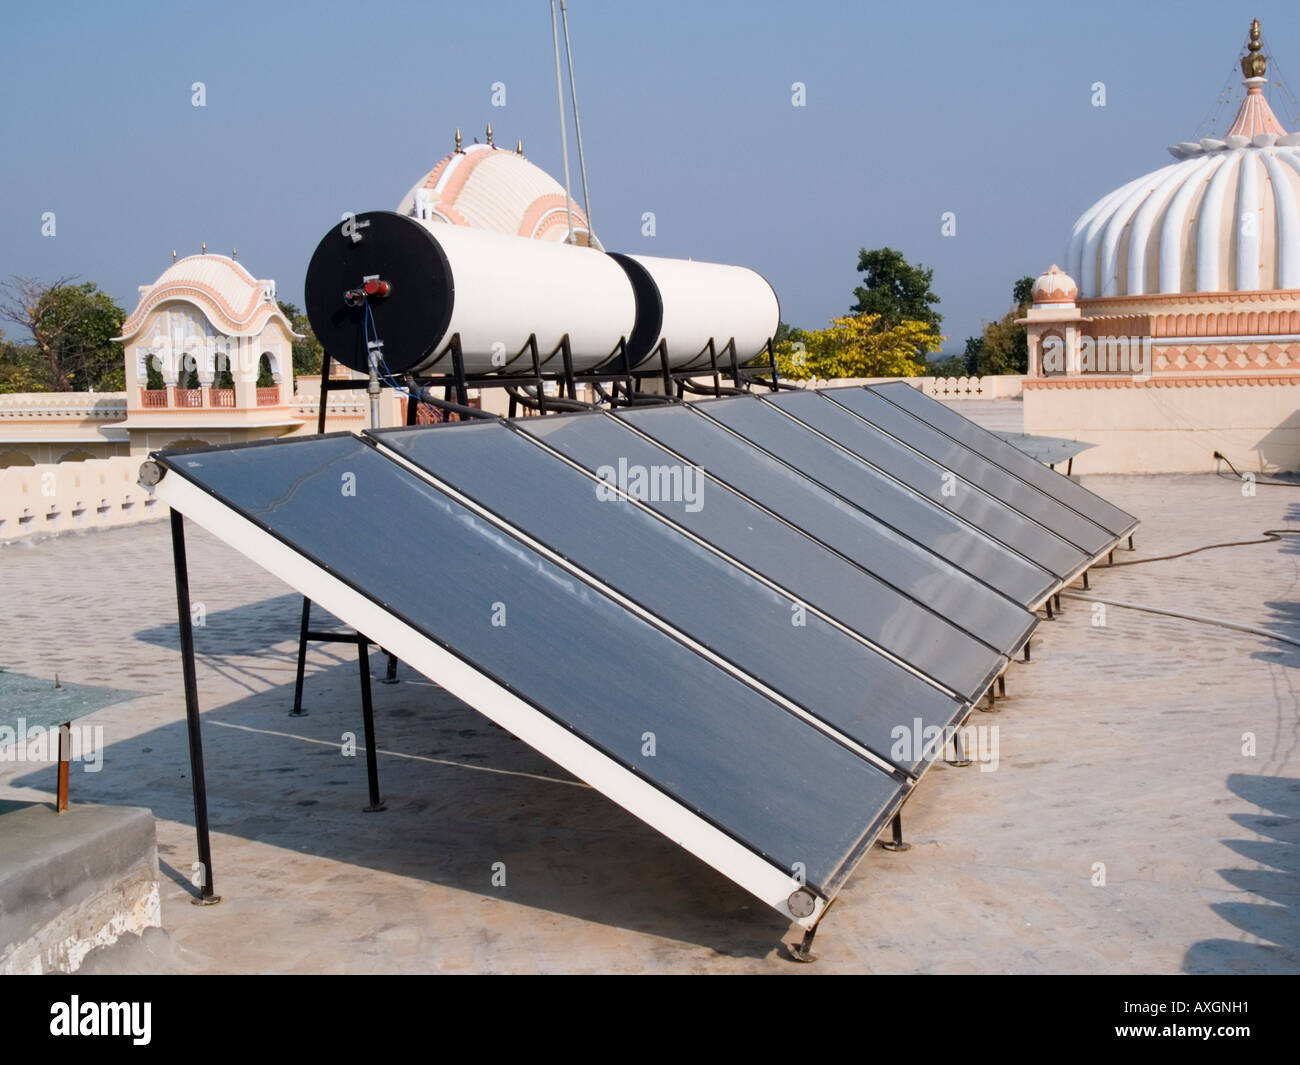 Paneles solares en el tejado para calentar el agua en un nuevo hotel en 16th century city Orcha Madhya Pradesh India Asia Imagen De Stock